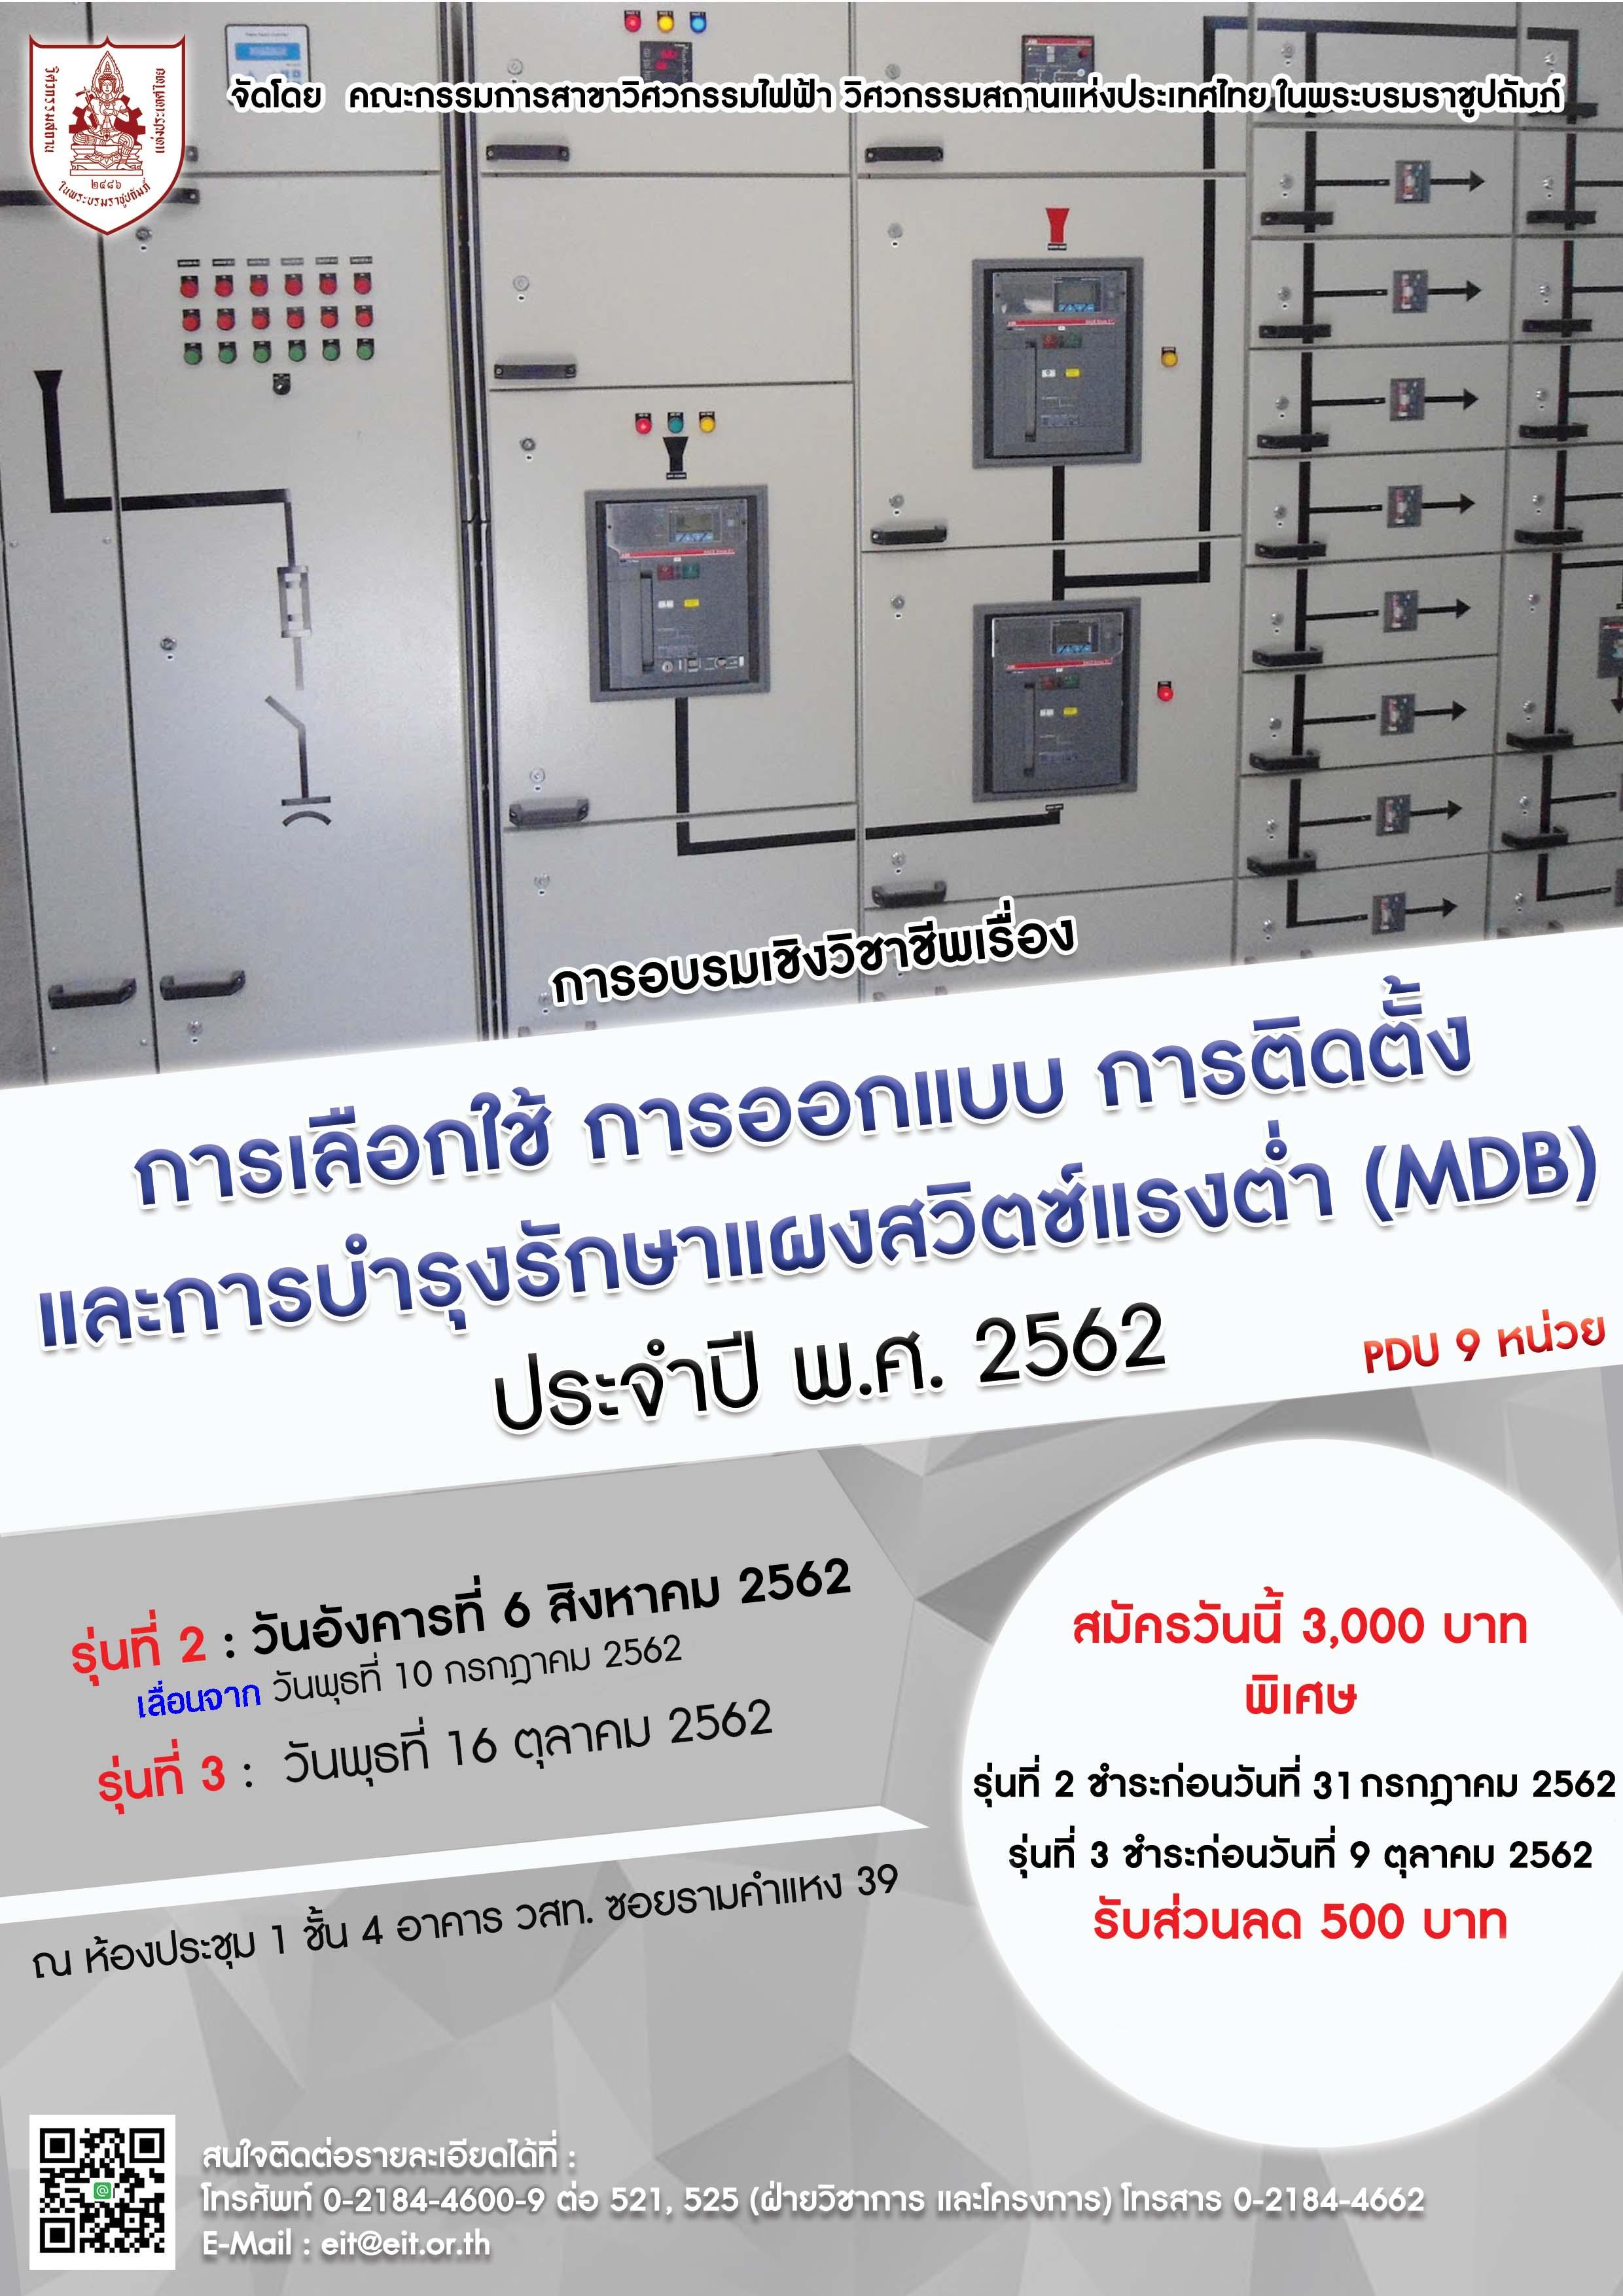 6/08/2562 การอบรมเชิงวิชาชีพเรื่อง  การเลือกใช้ การออกแบบ การติดตั้ง และการบำรุงรักษาแผงสวิตซ์แรงต่ำ (MDB) รุ่นที่ 2